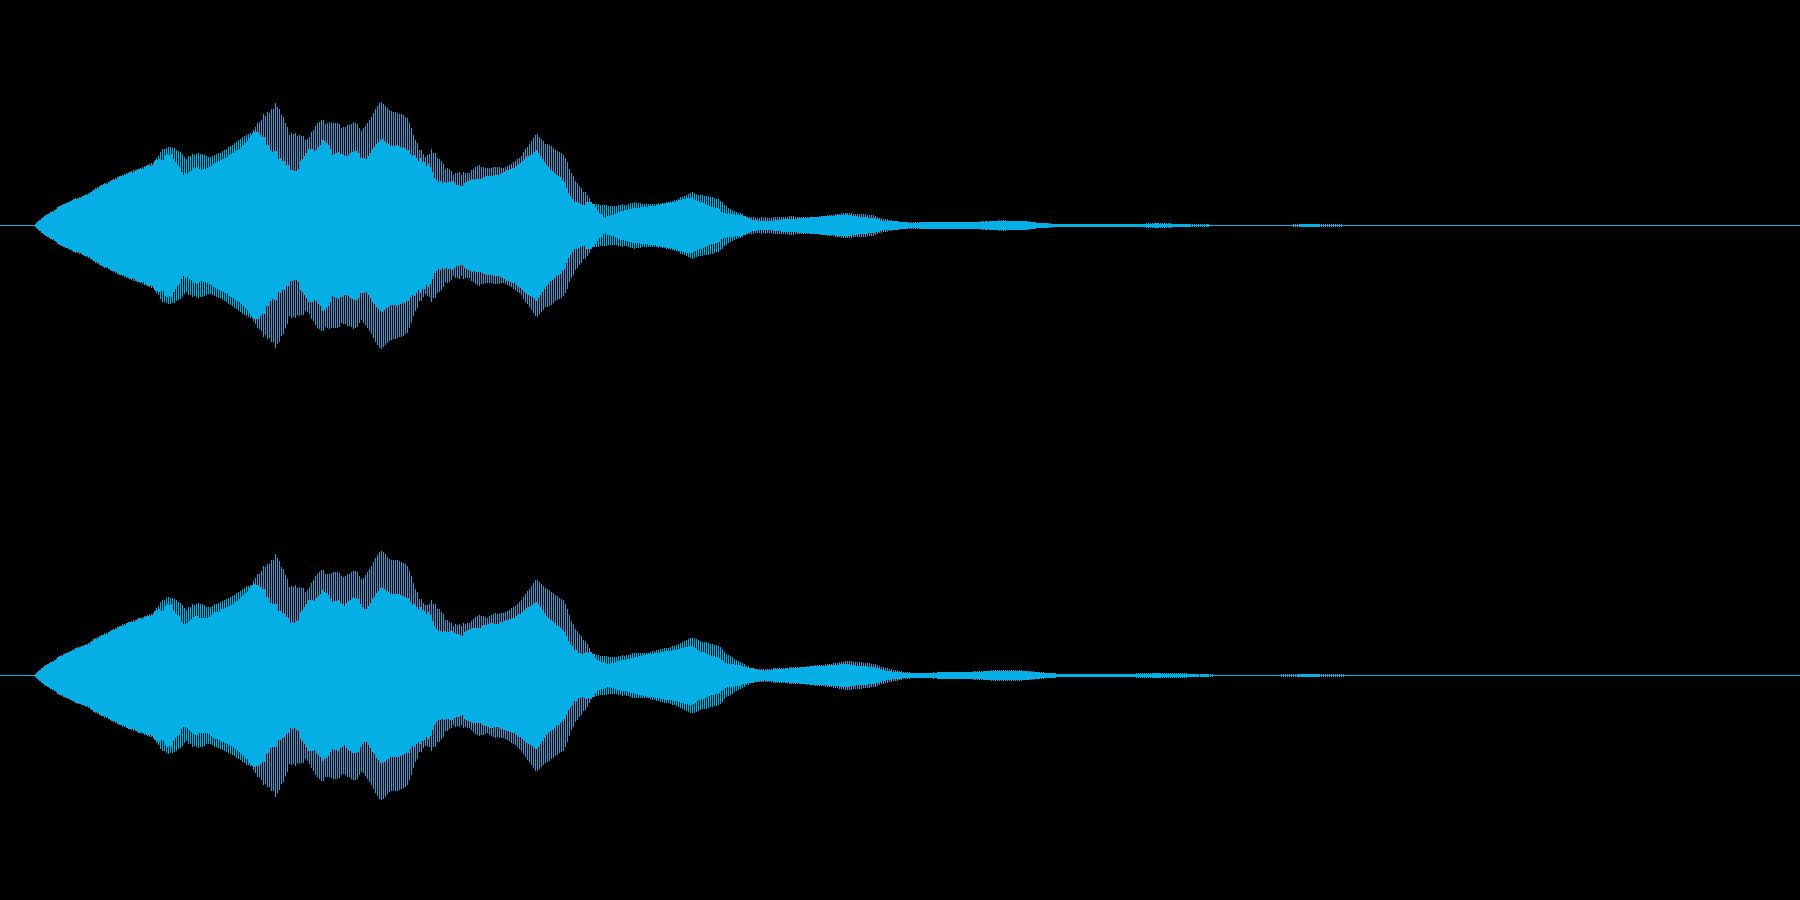 シンプルな電子音・アイキャッチ2の再生済みの波形